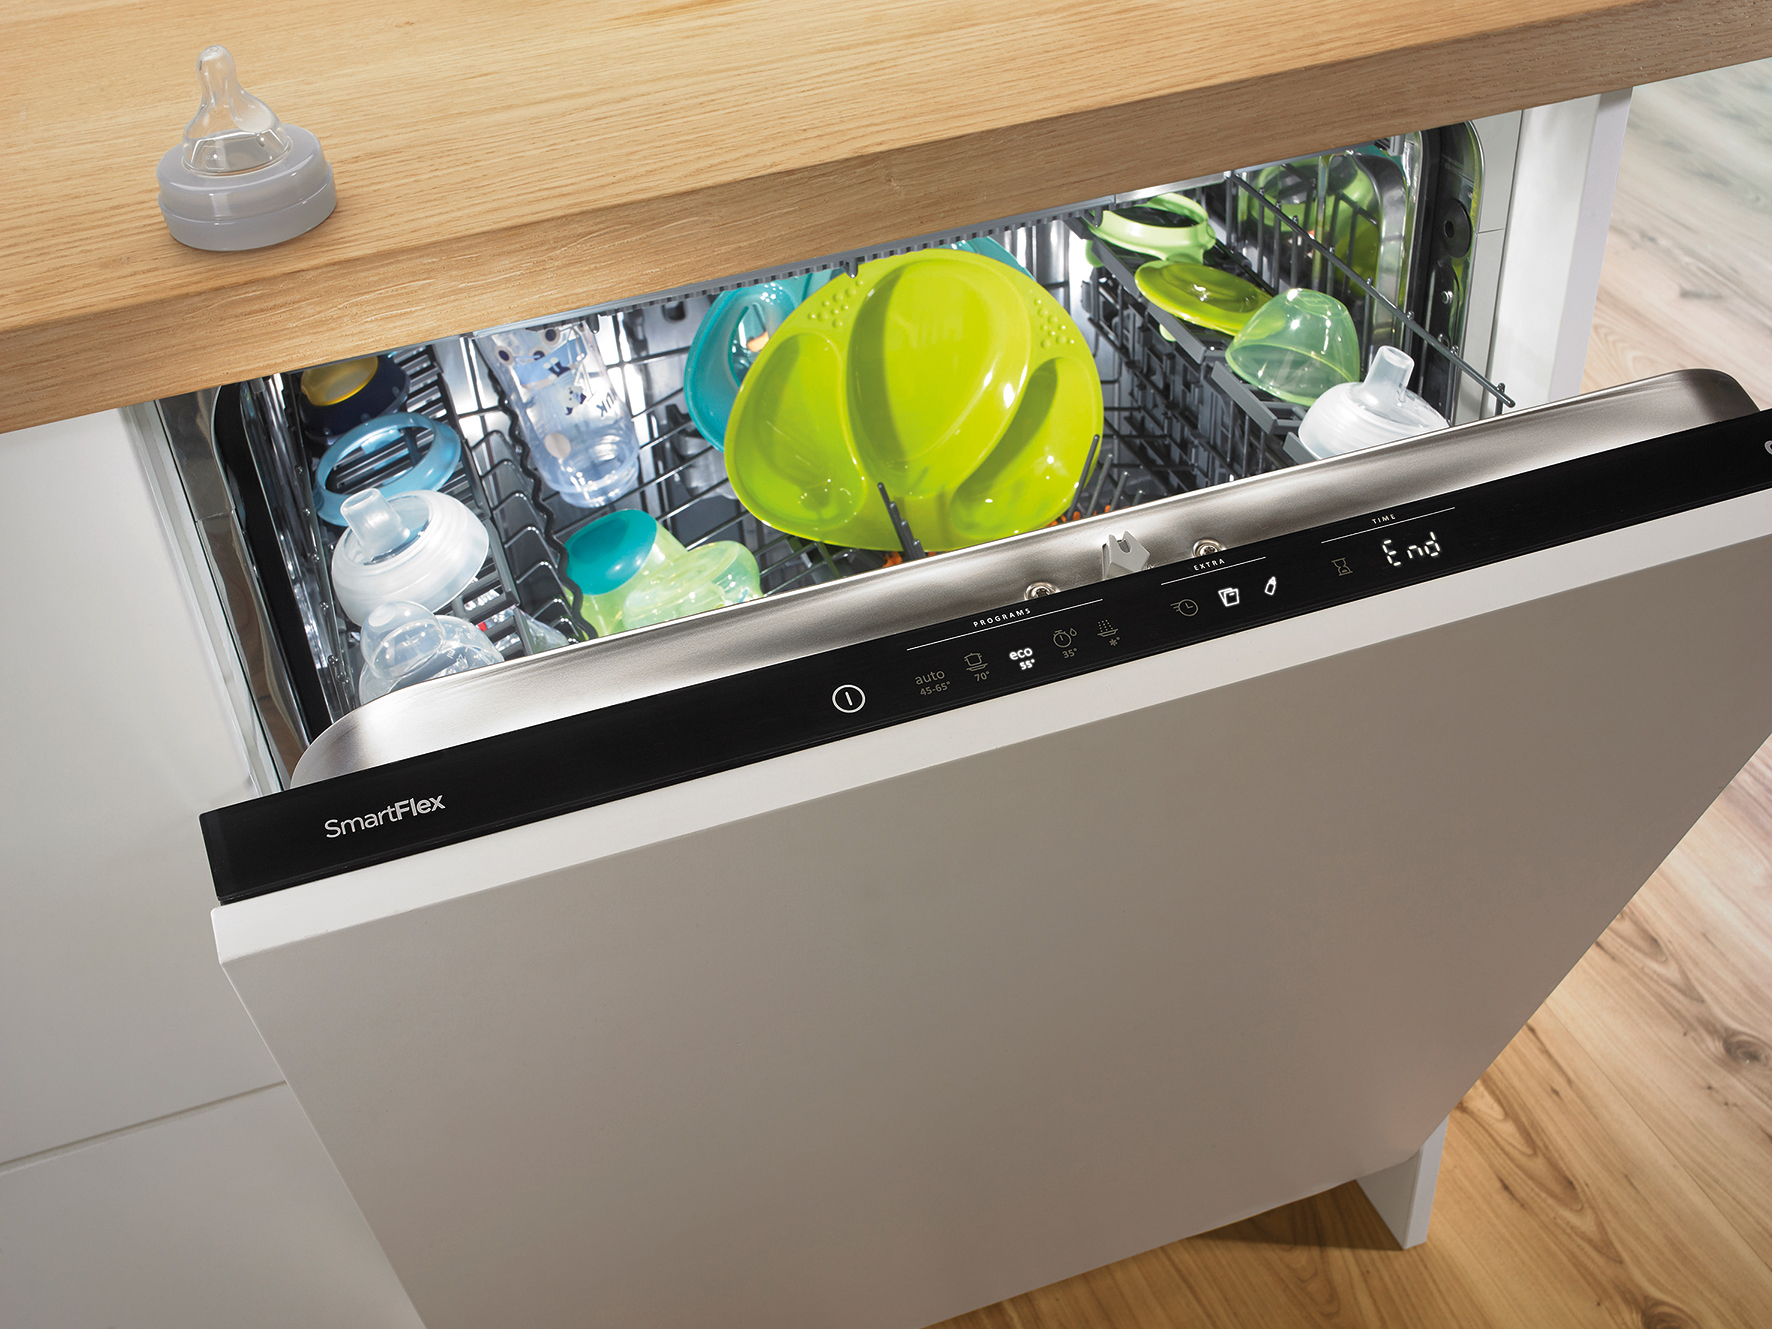 Встраиваемая посудомоечная машина 45 см: рейтинг лучших моделей